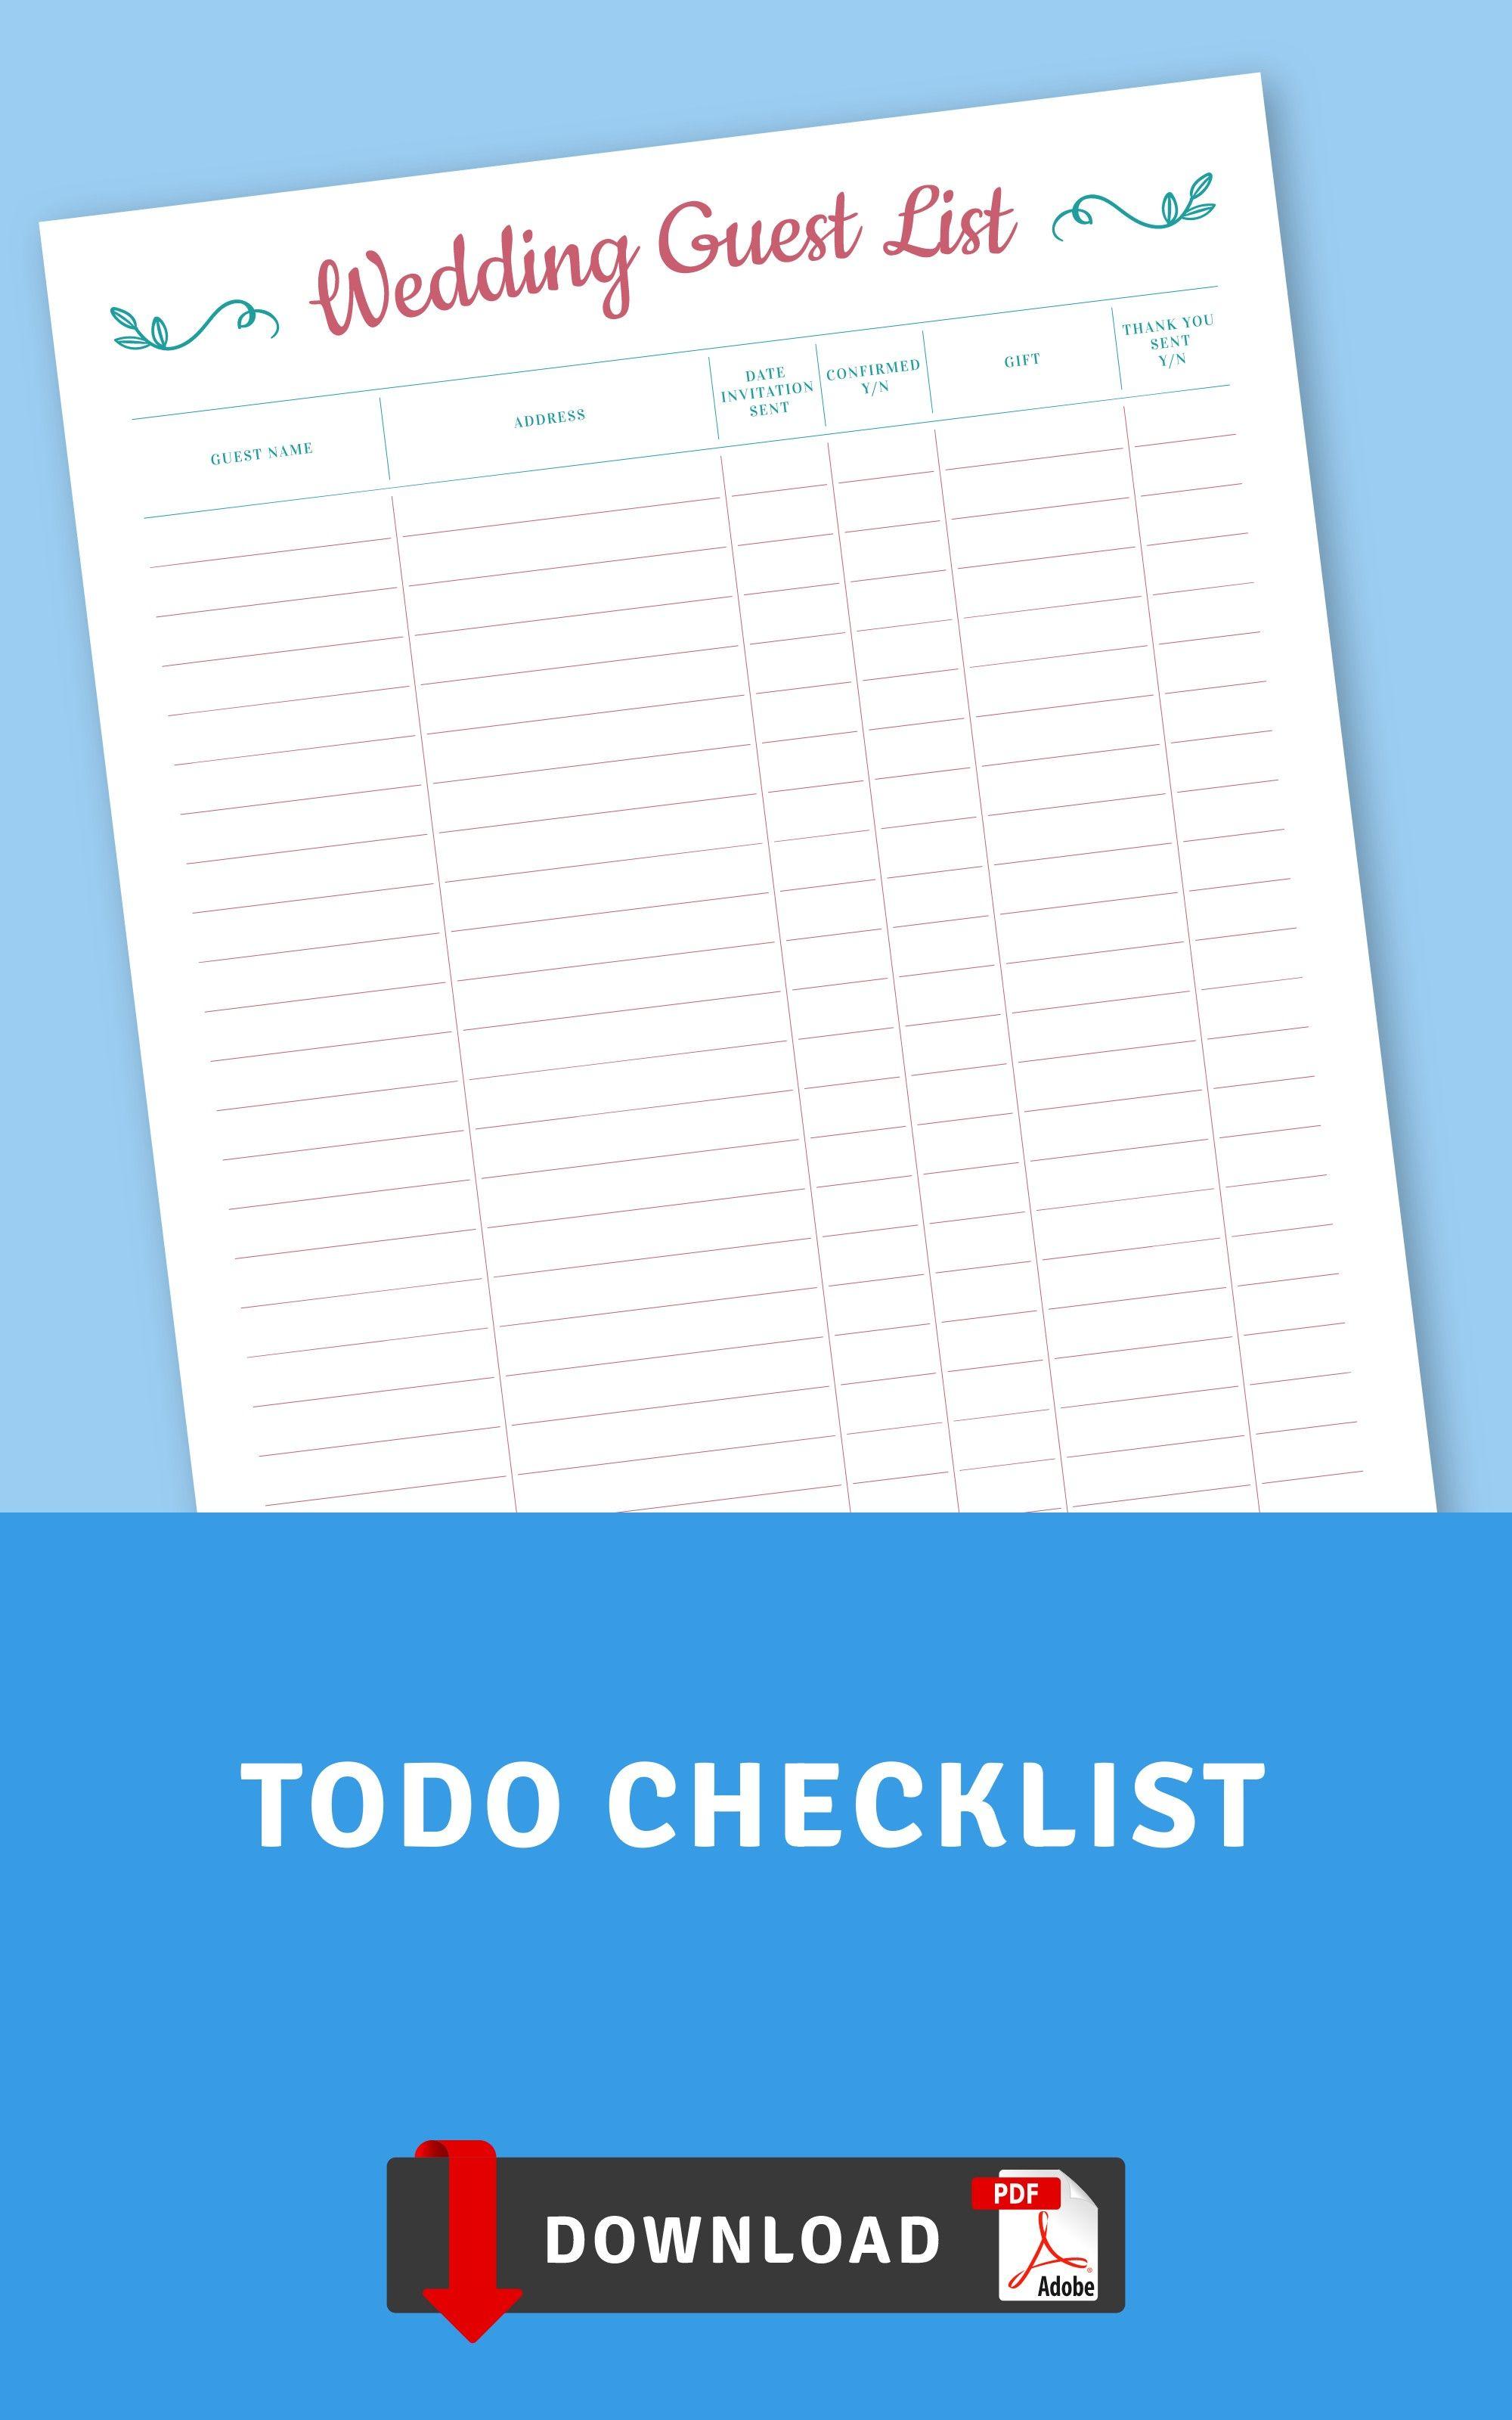 Wedding To Do List Template Wedding Checklist Wedding Etsy Wedding To Do List List Template Wedding Checklist